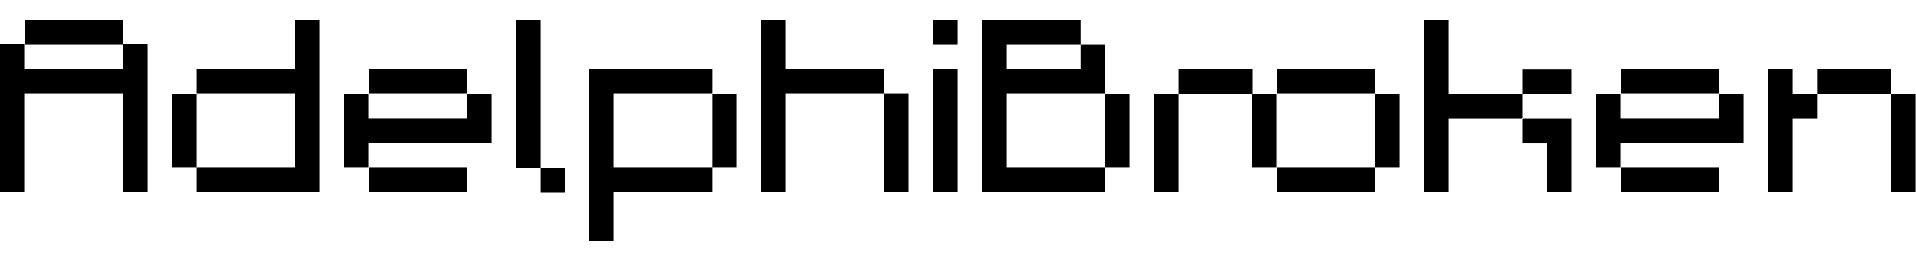 AdelphiBroken